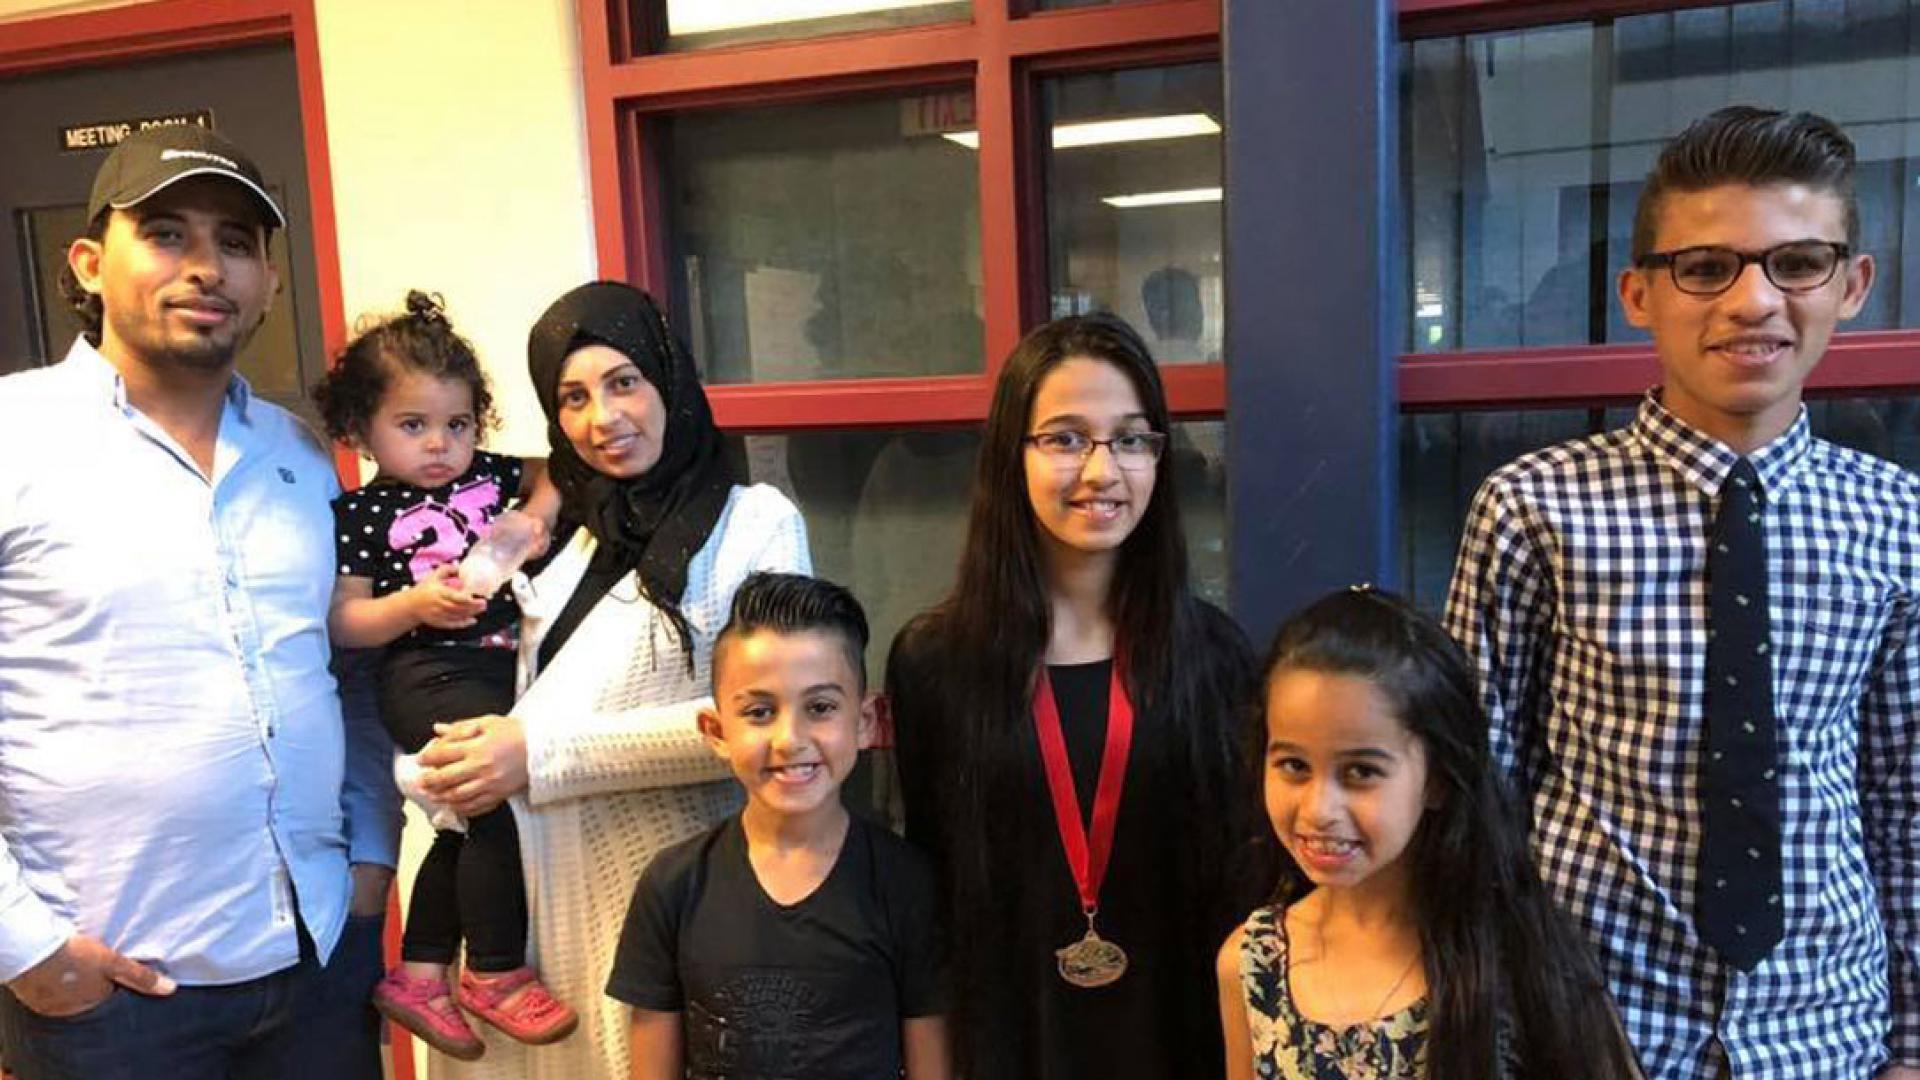 بعد الهرب من جحيم الحرب.. عائلة سورية تفقد 7 أطفال باحتراق منزلهم في كندا